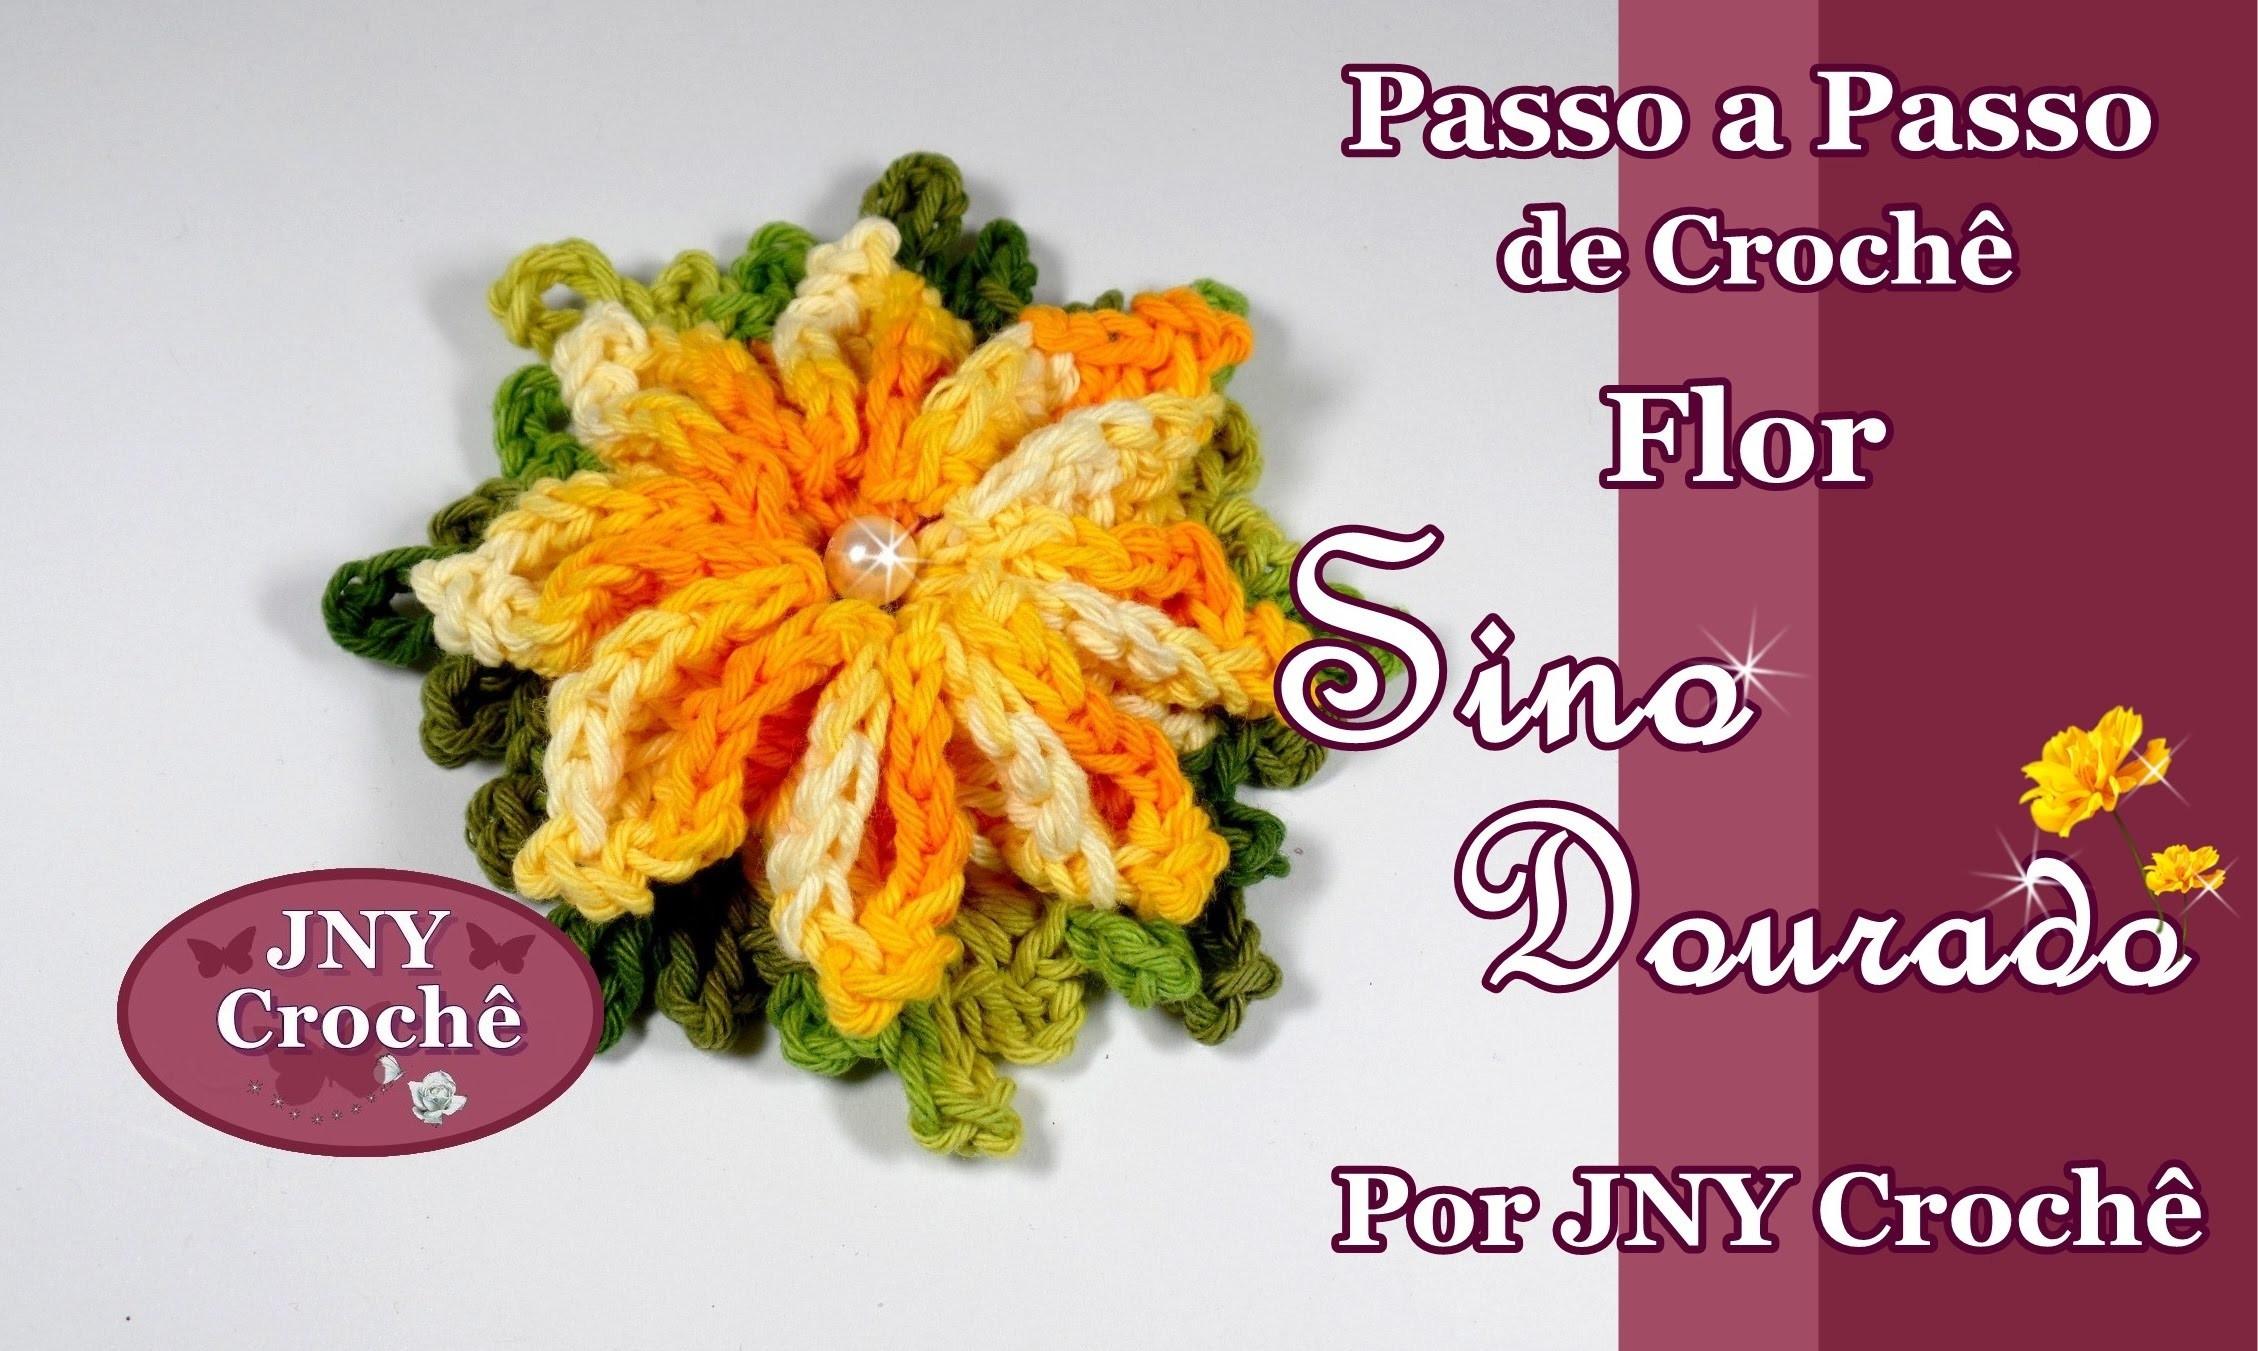 Passo a Passo de Crochê Flor Sino Dourado por JNY Crochê